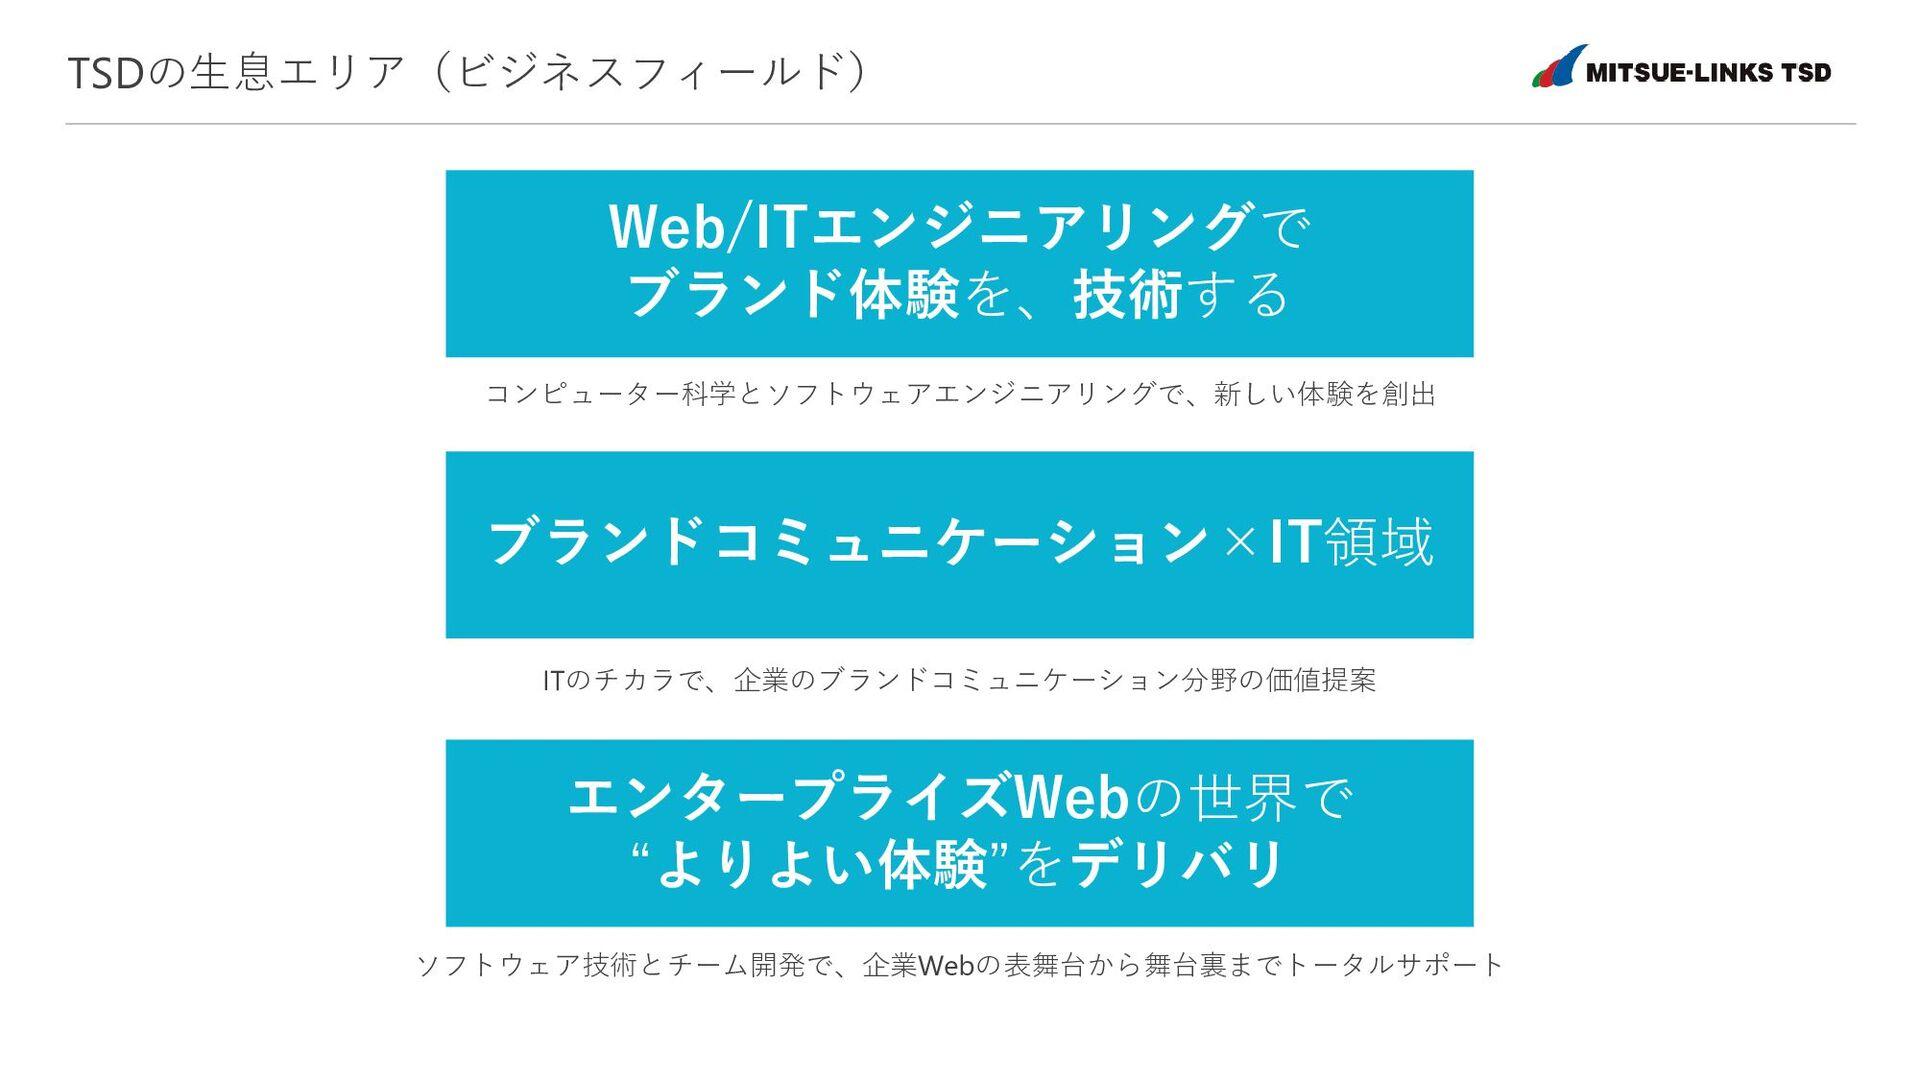 TSDの生息エリア(ビジネスフィールド) Web/ITエンジニアリングで ブランド体験を、技術...